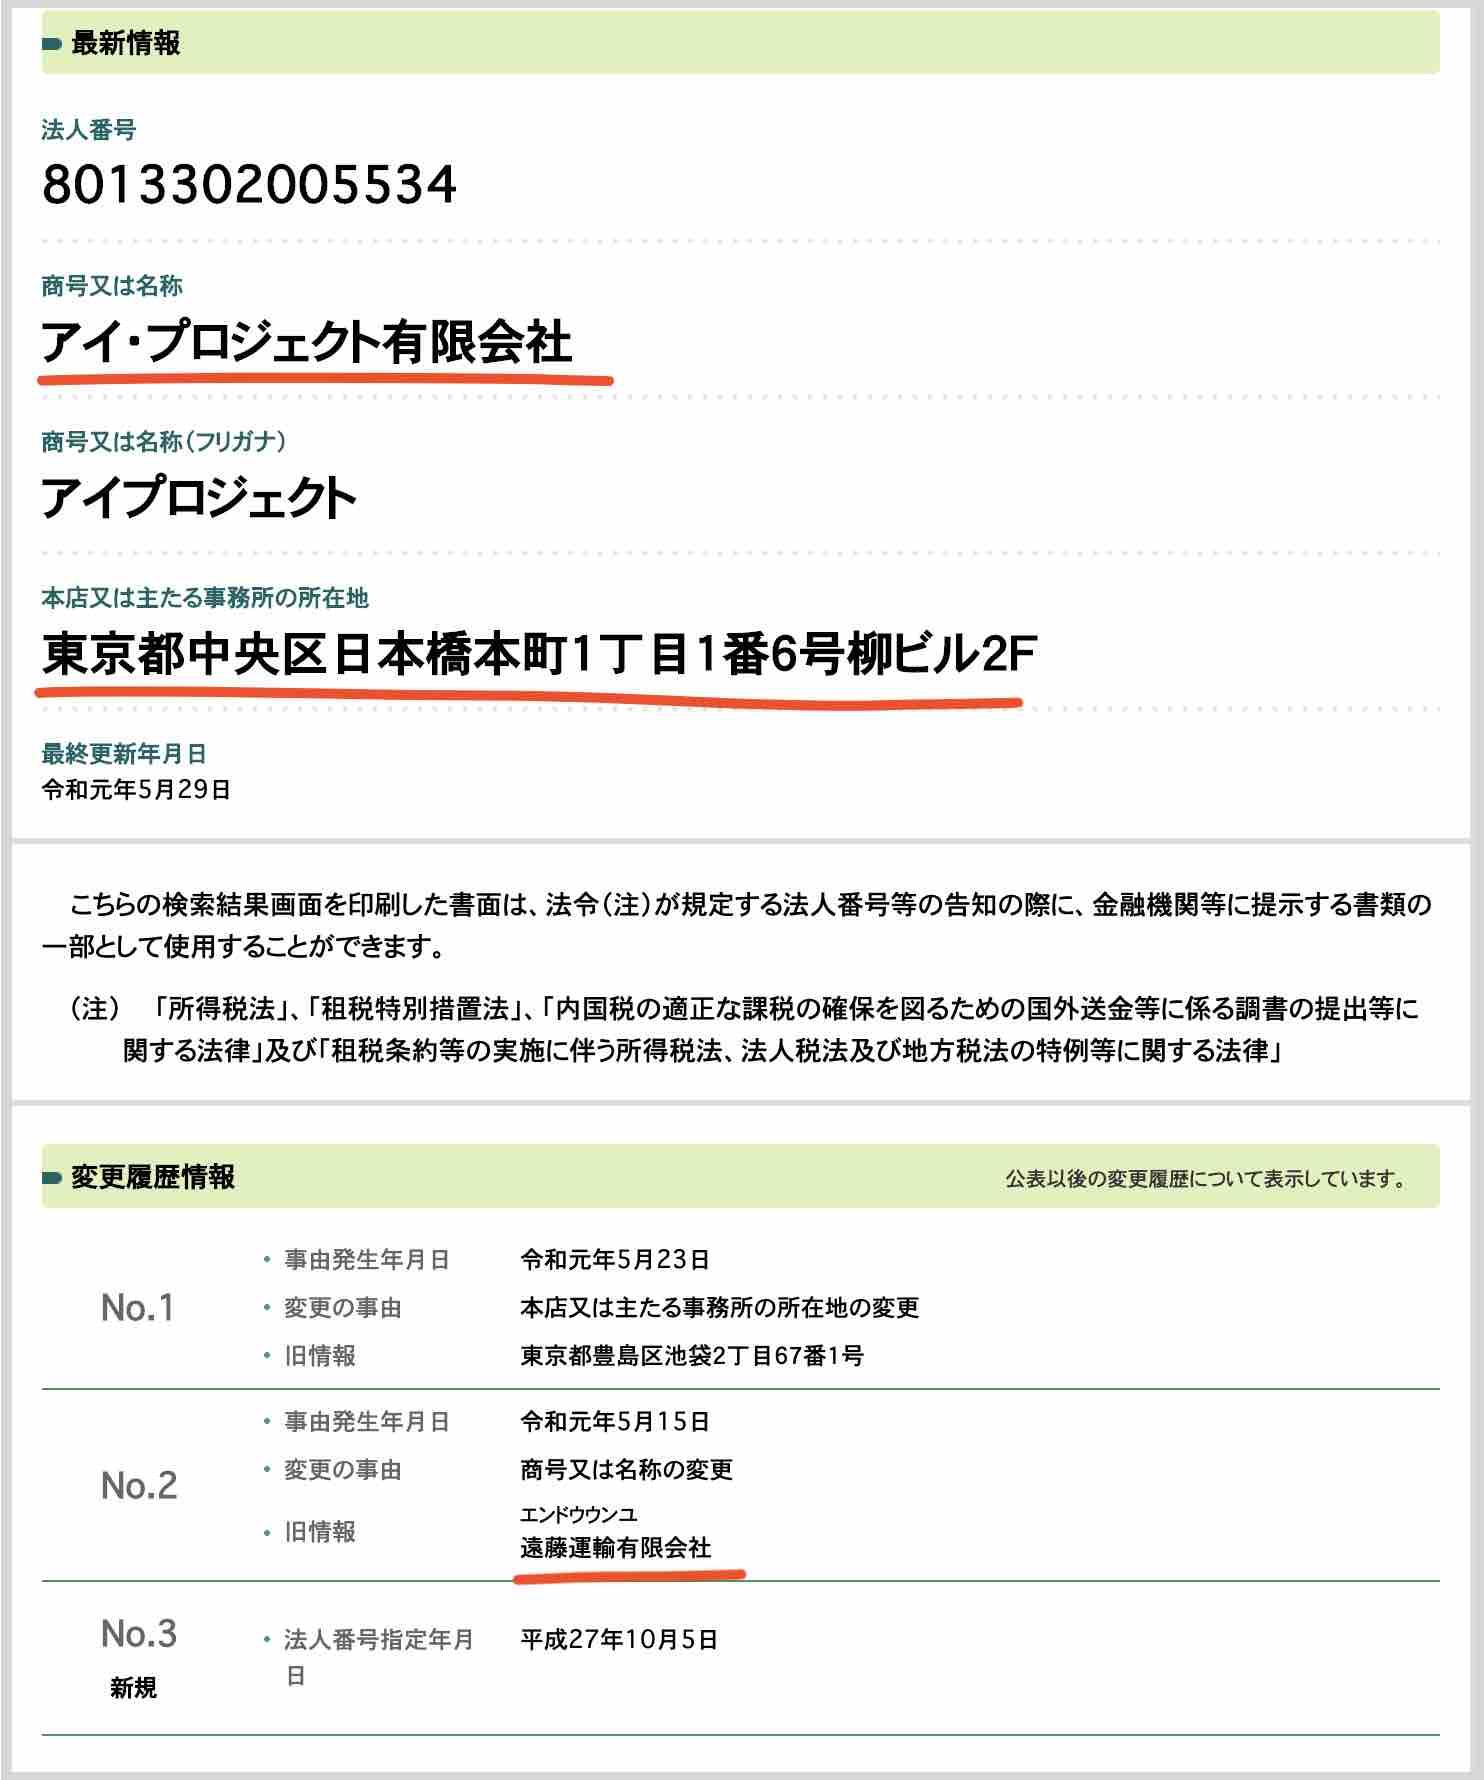 アイプロジェクト有限会社を国税庁サイトから検索